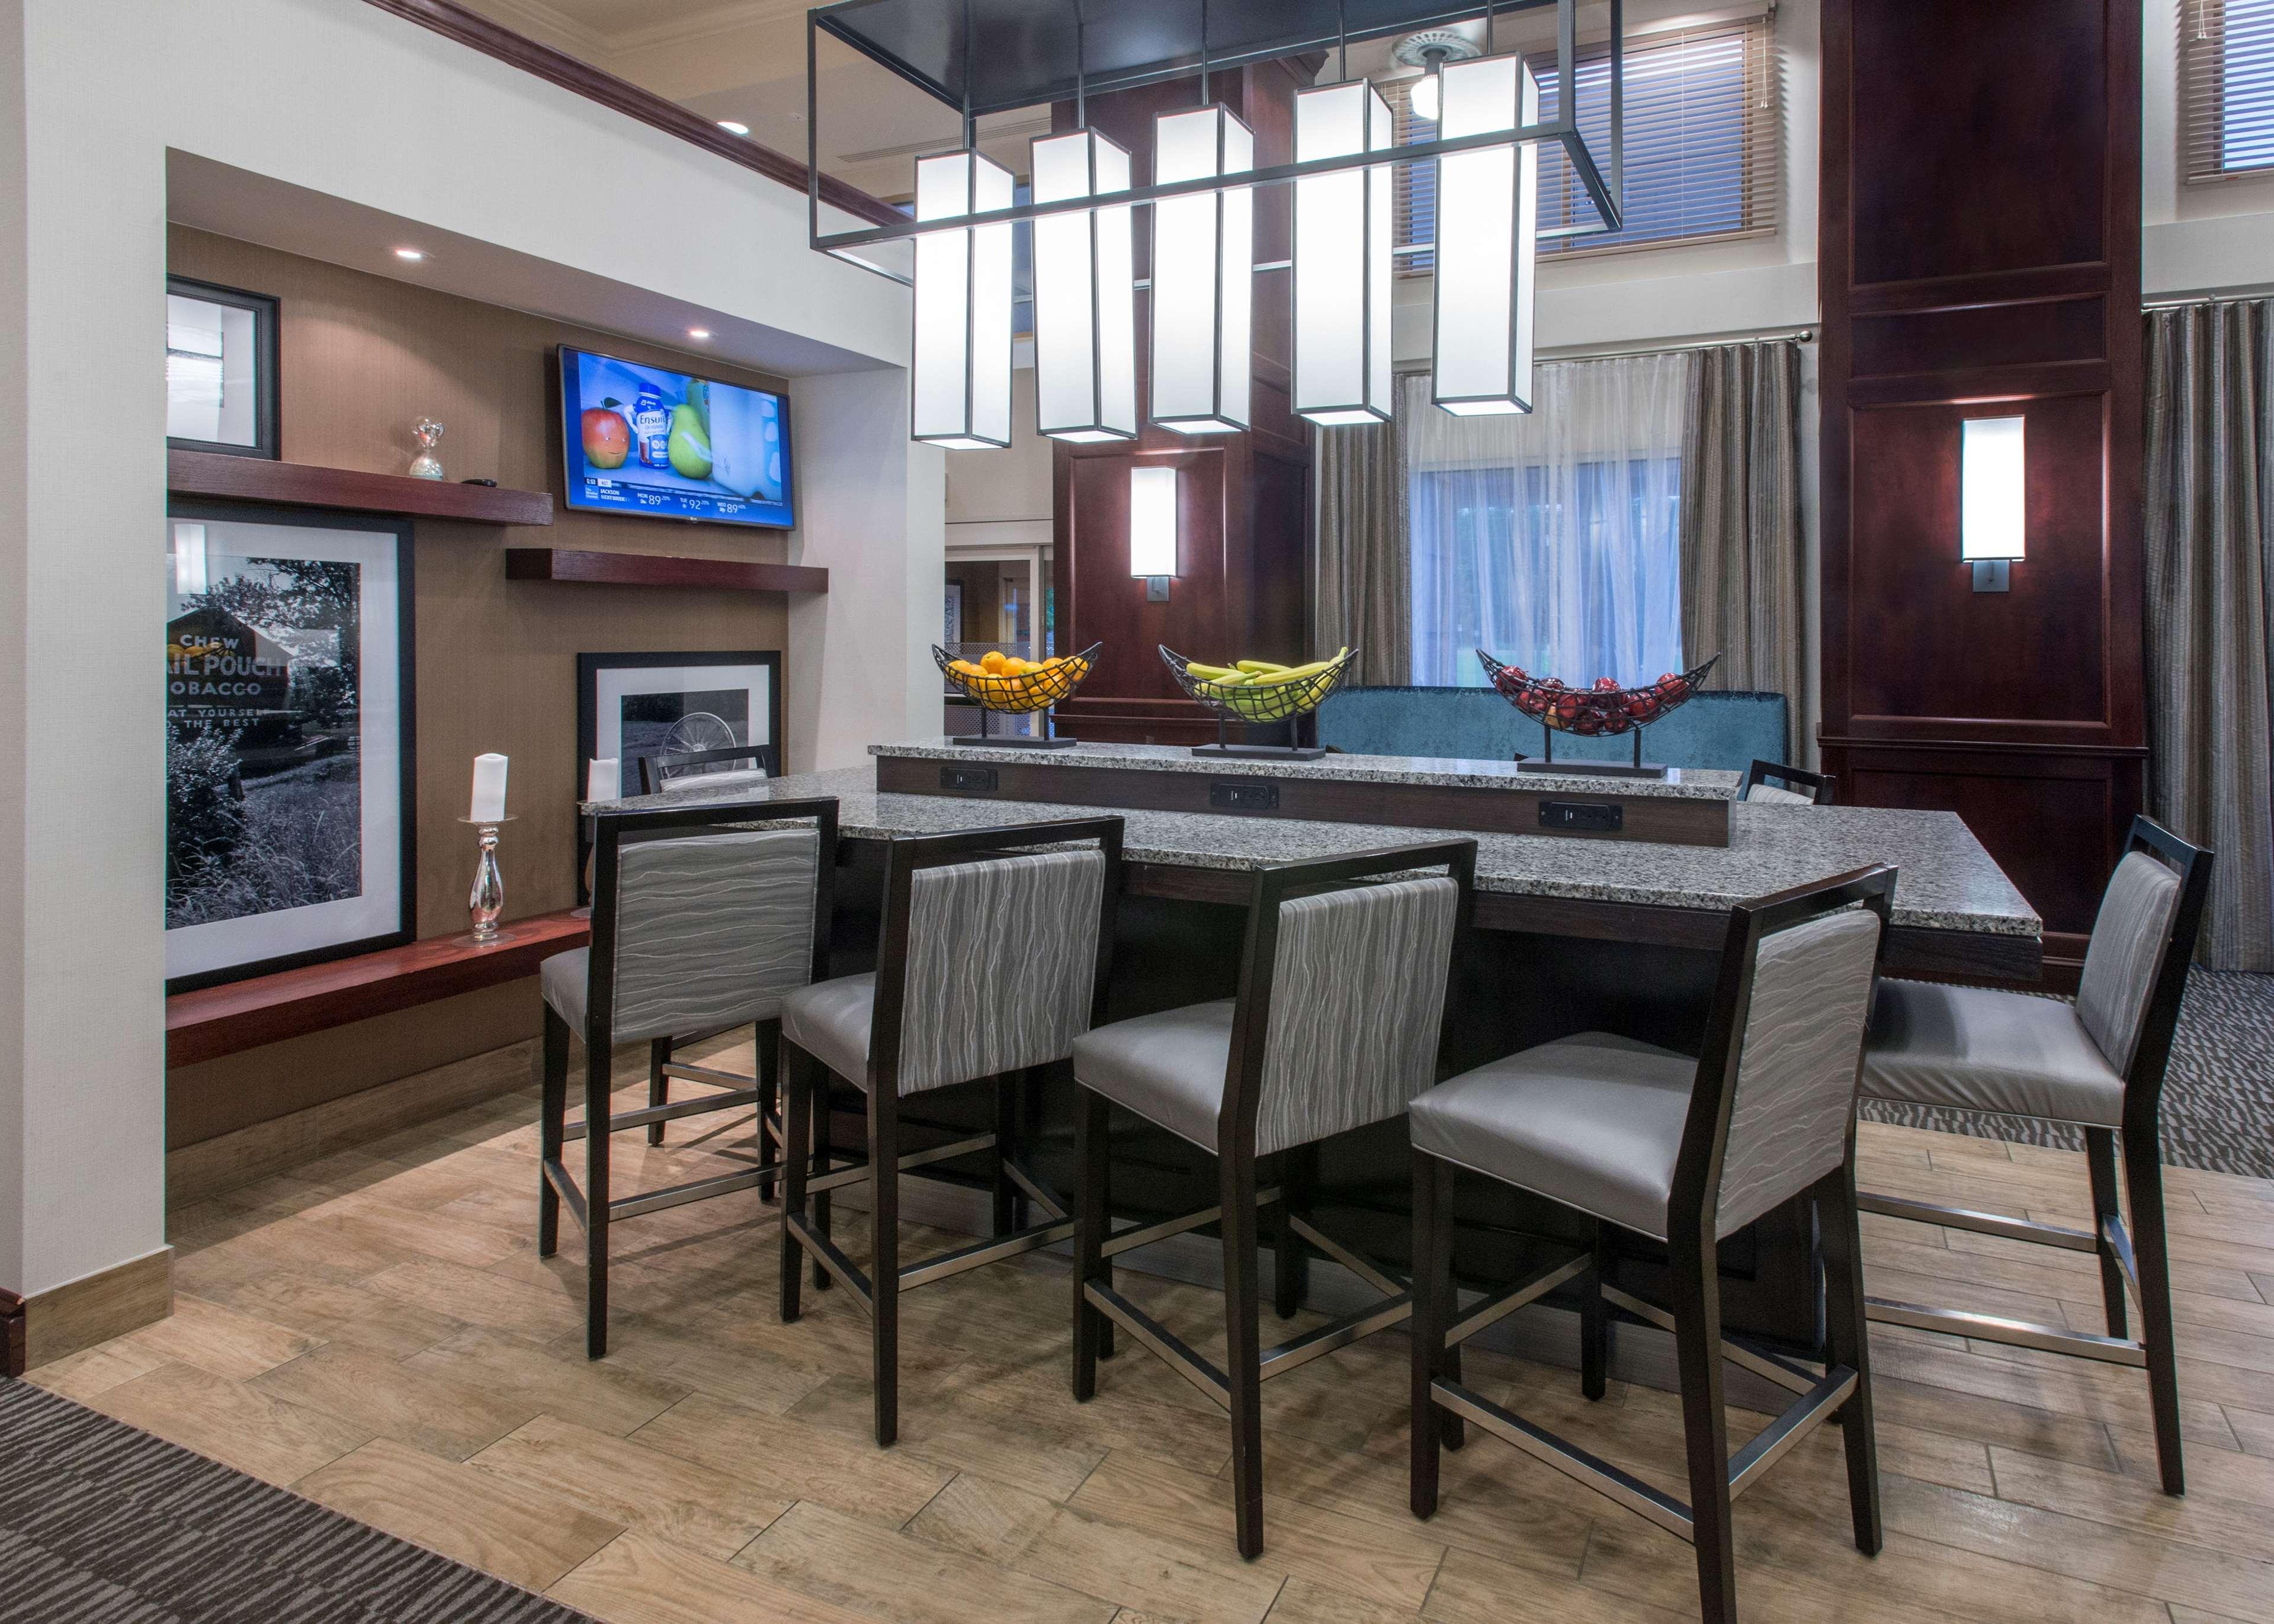 Hampton Inn & Suites Jackson image 5